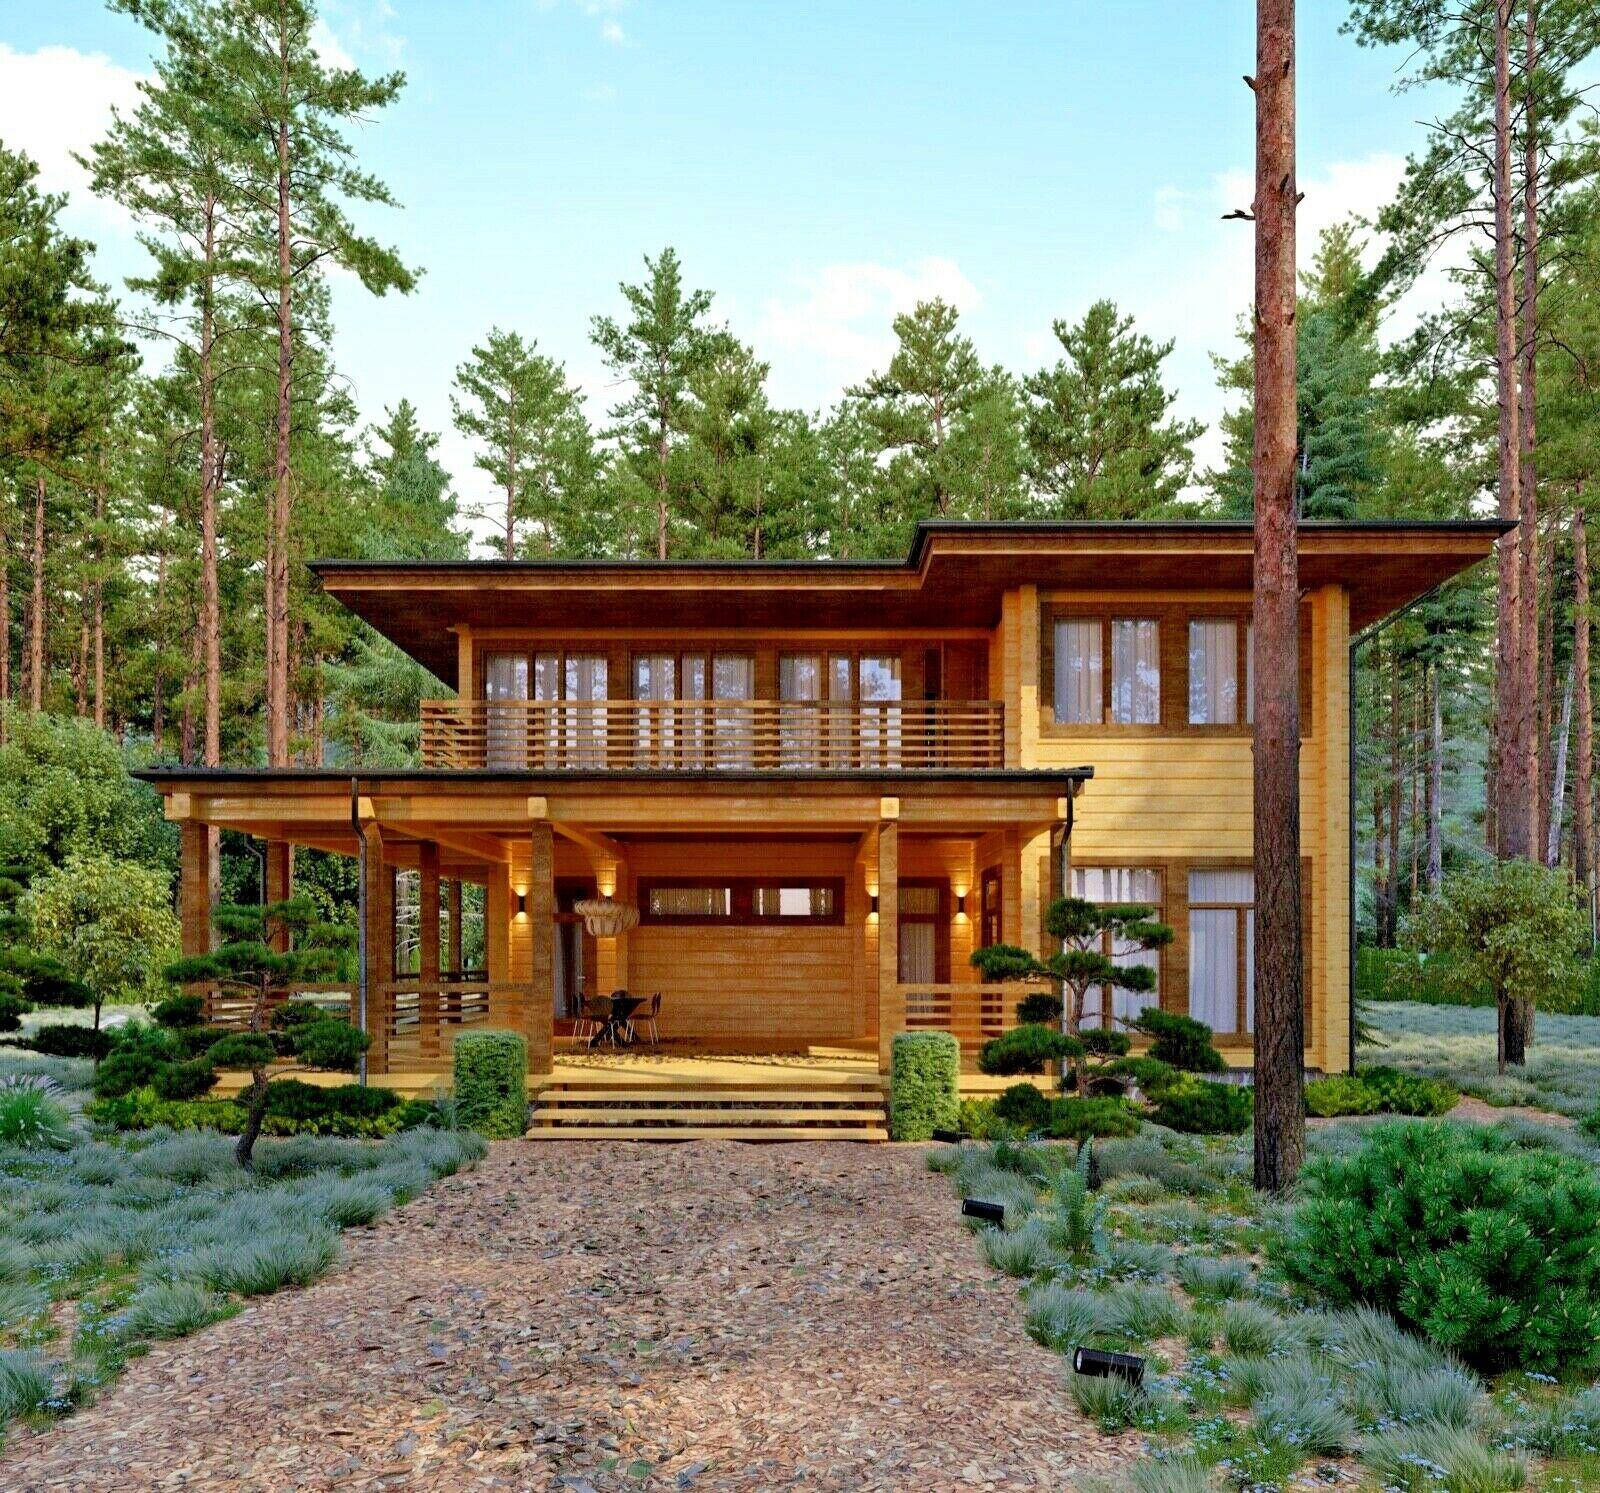 Log Cabin Kits In 2020 Log Cabin Modular Homes Log Cabin House Plans Log Cabin Home Kits